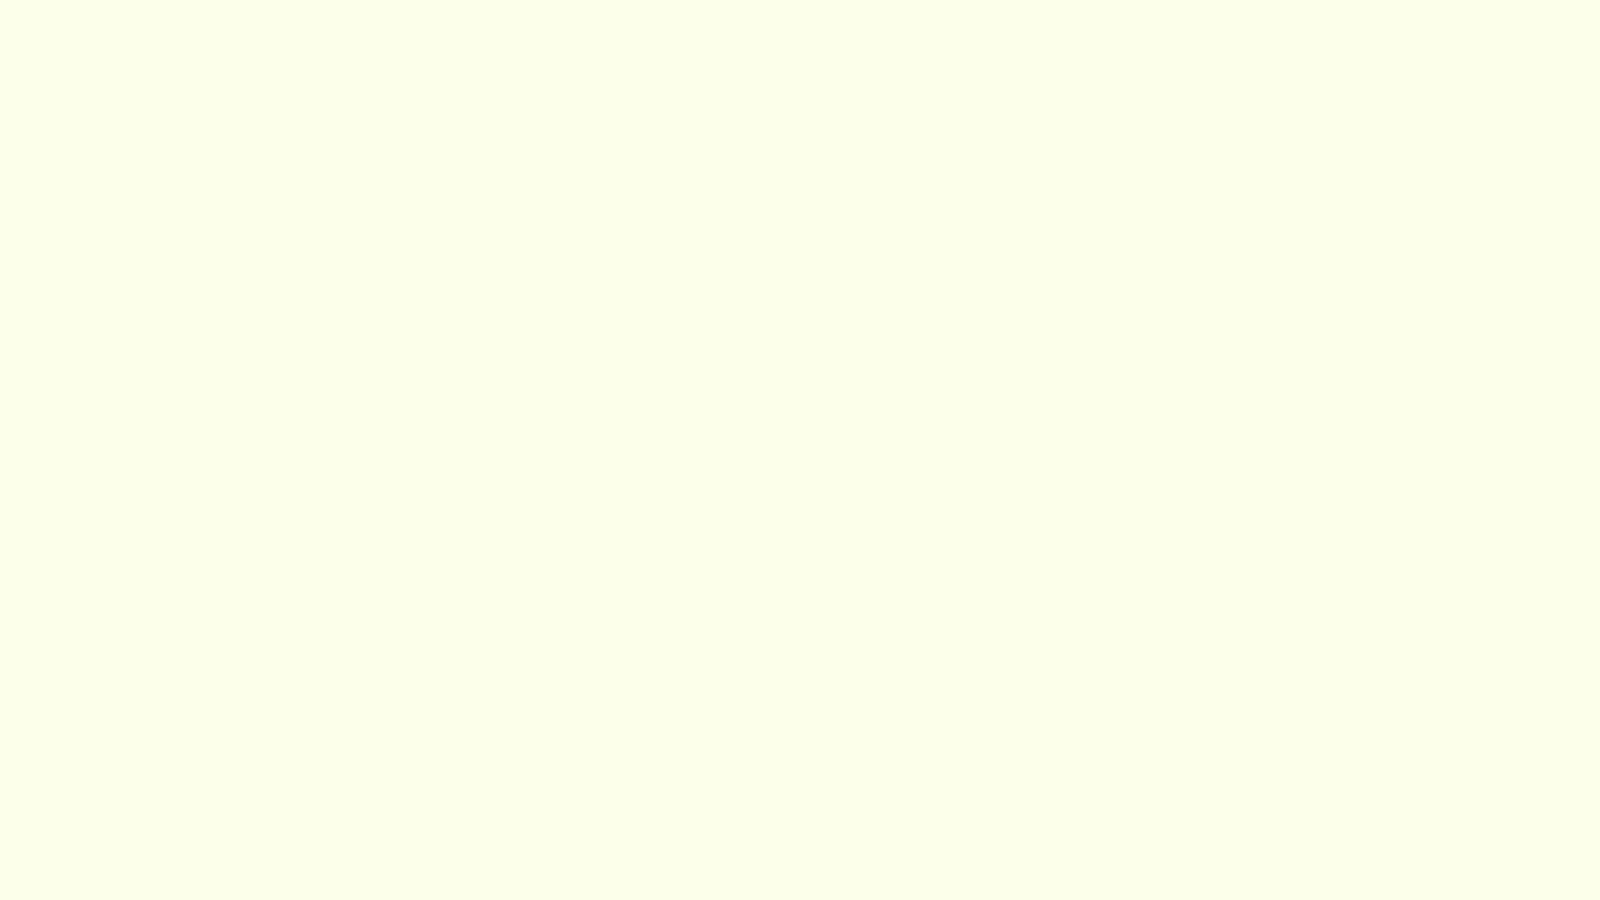 Лента ABS 138 Глянцевая 23х1мм, Talco (тальк)